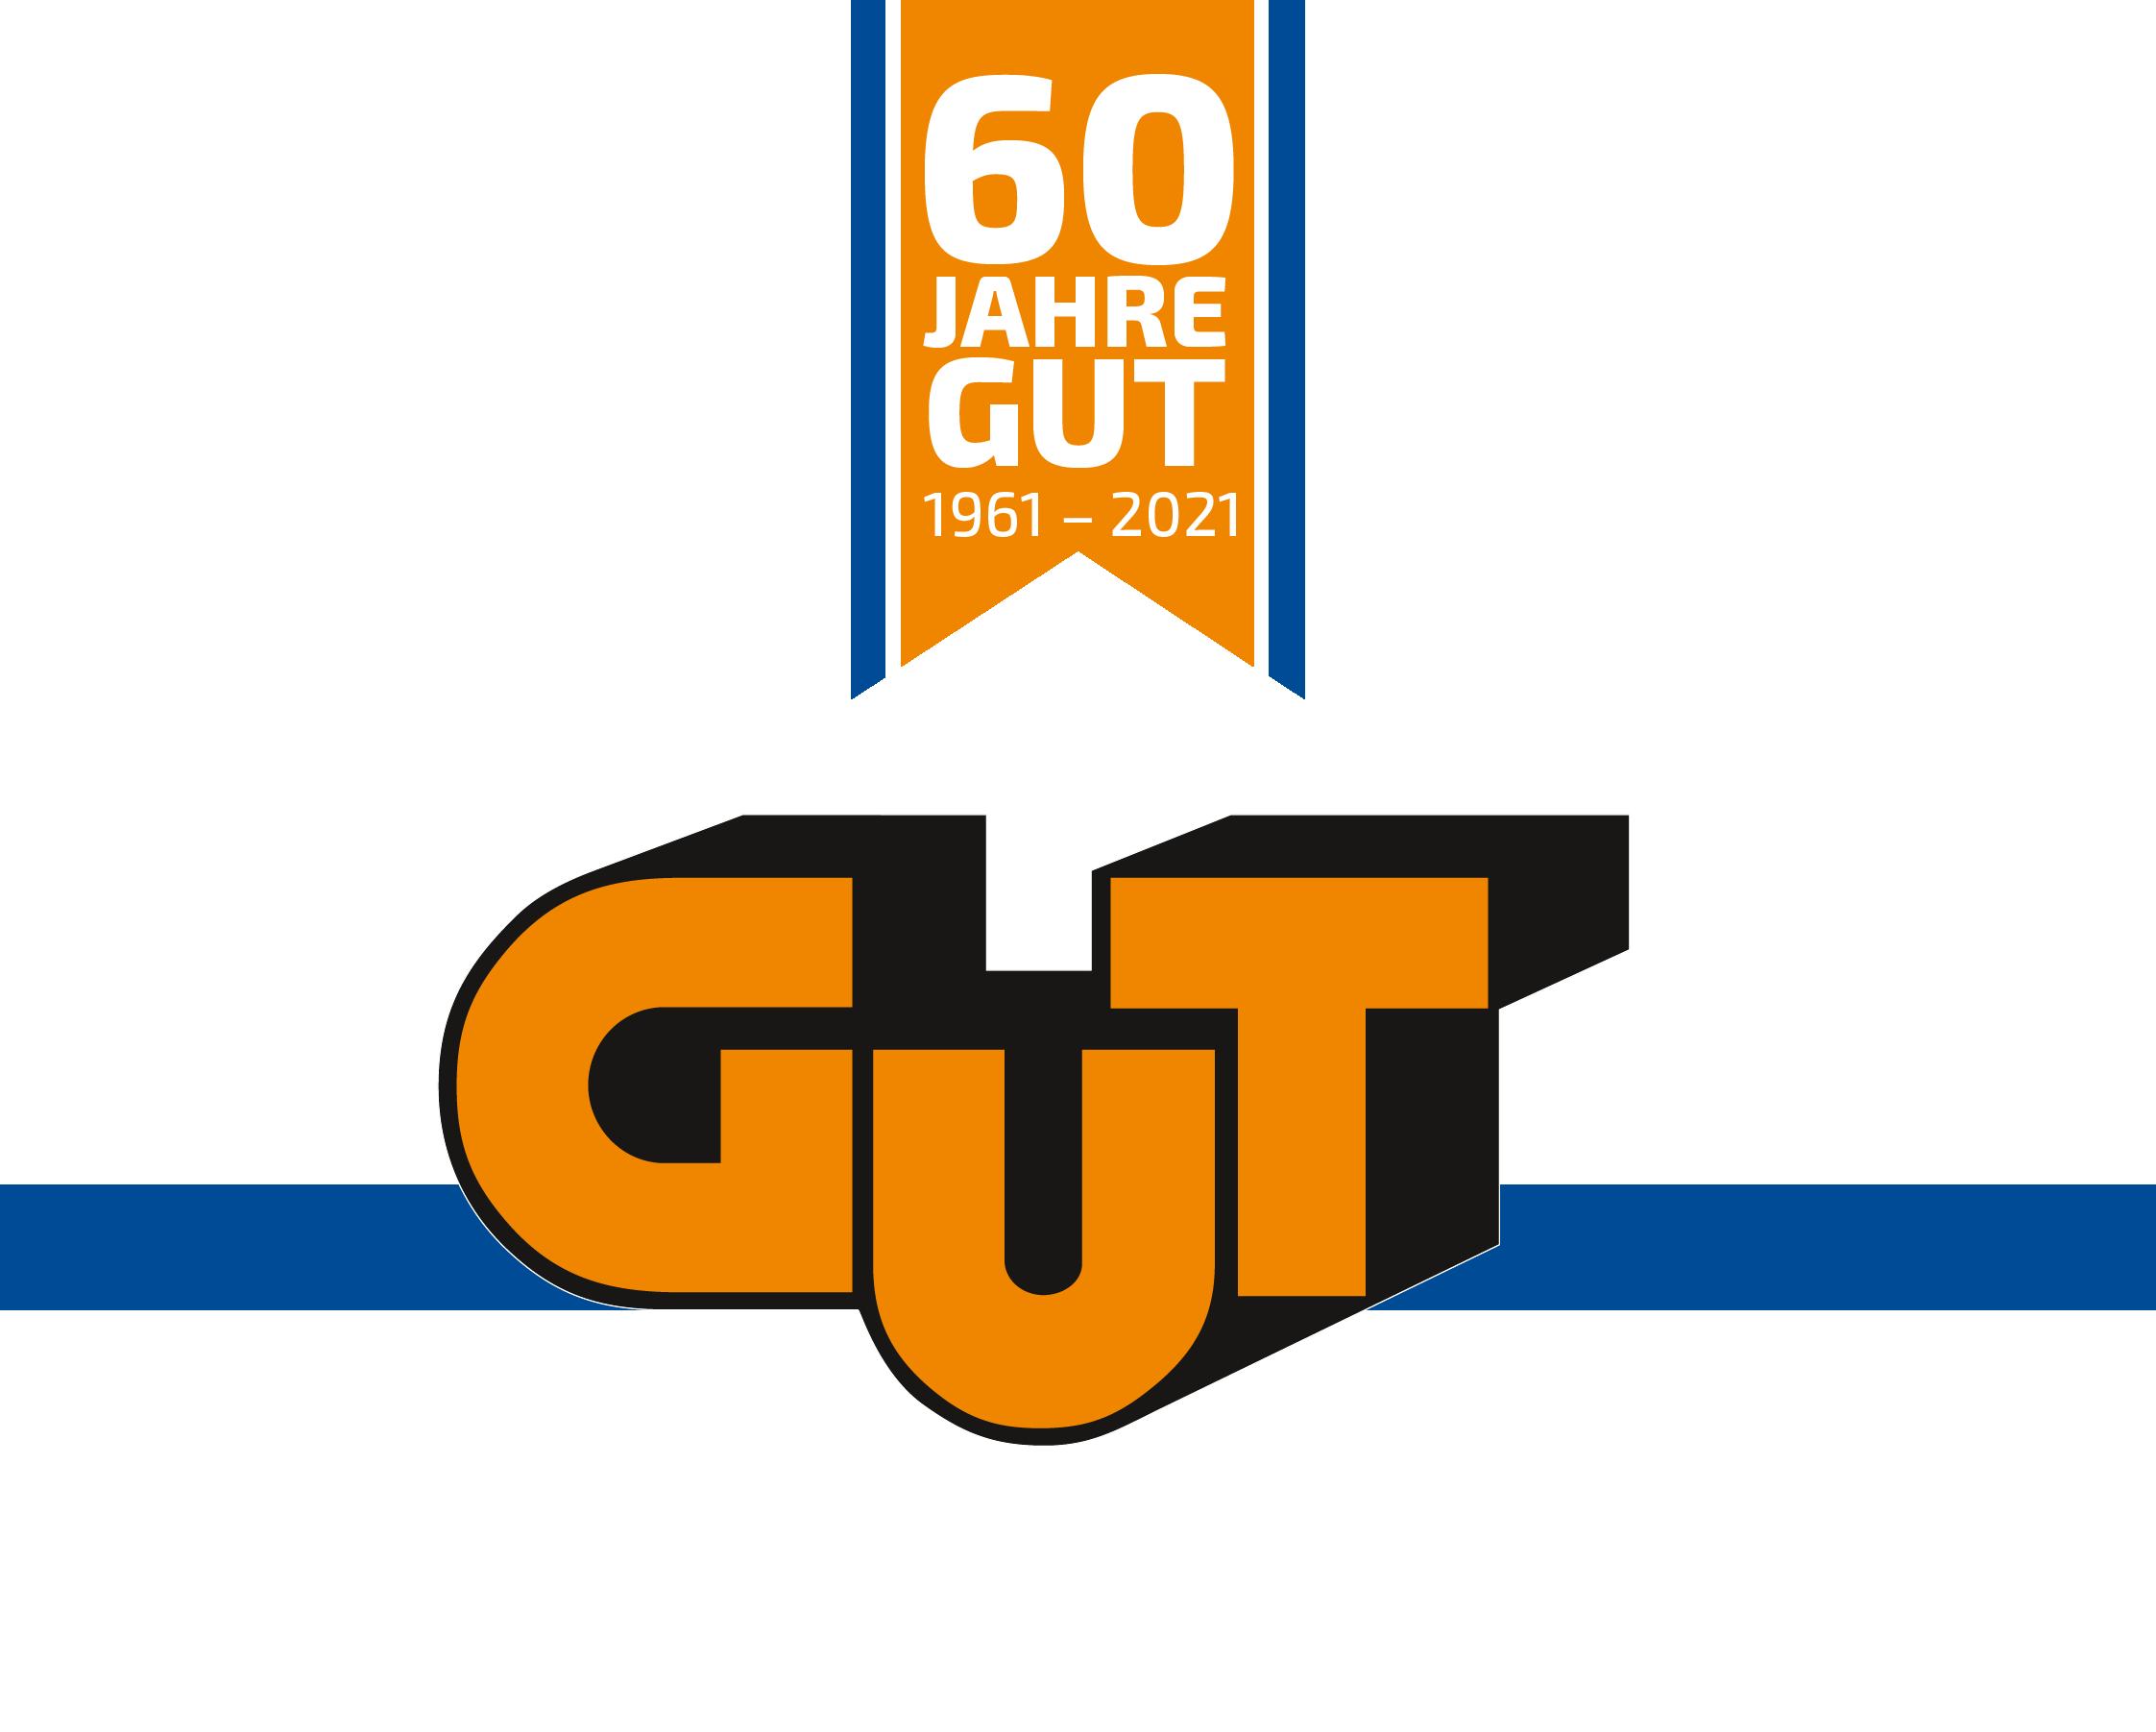 gutbau_60Jahre_seit1961_konturweiss